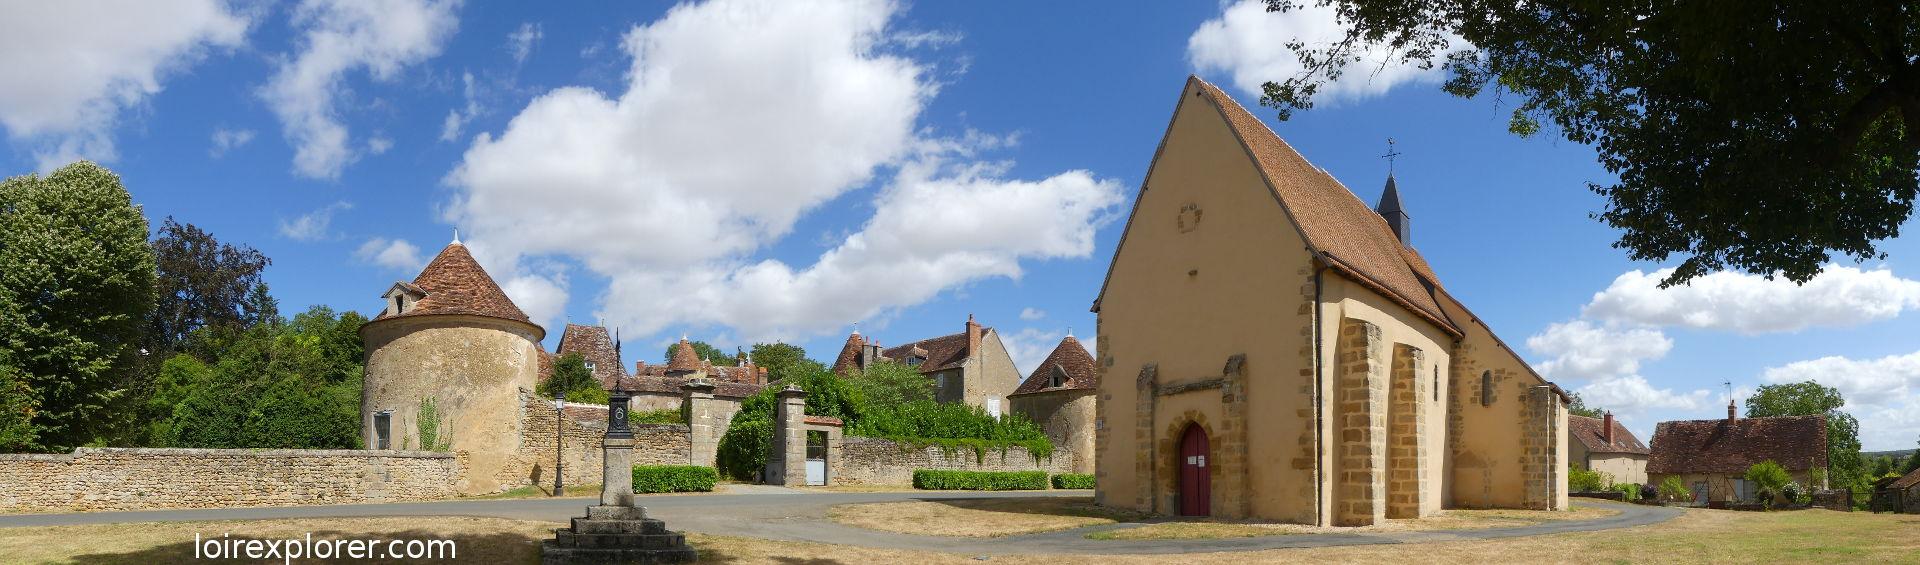 voyage au centre de la france Village de Montlevicq excursion insolites